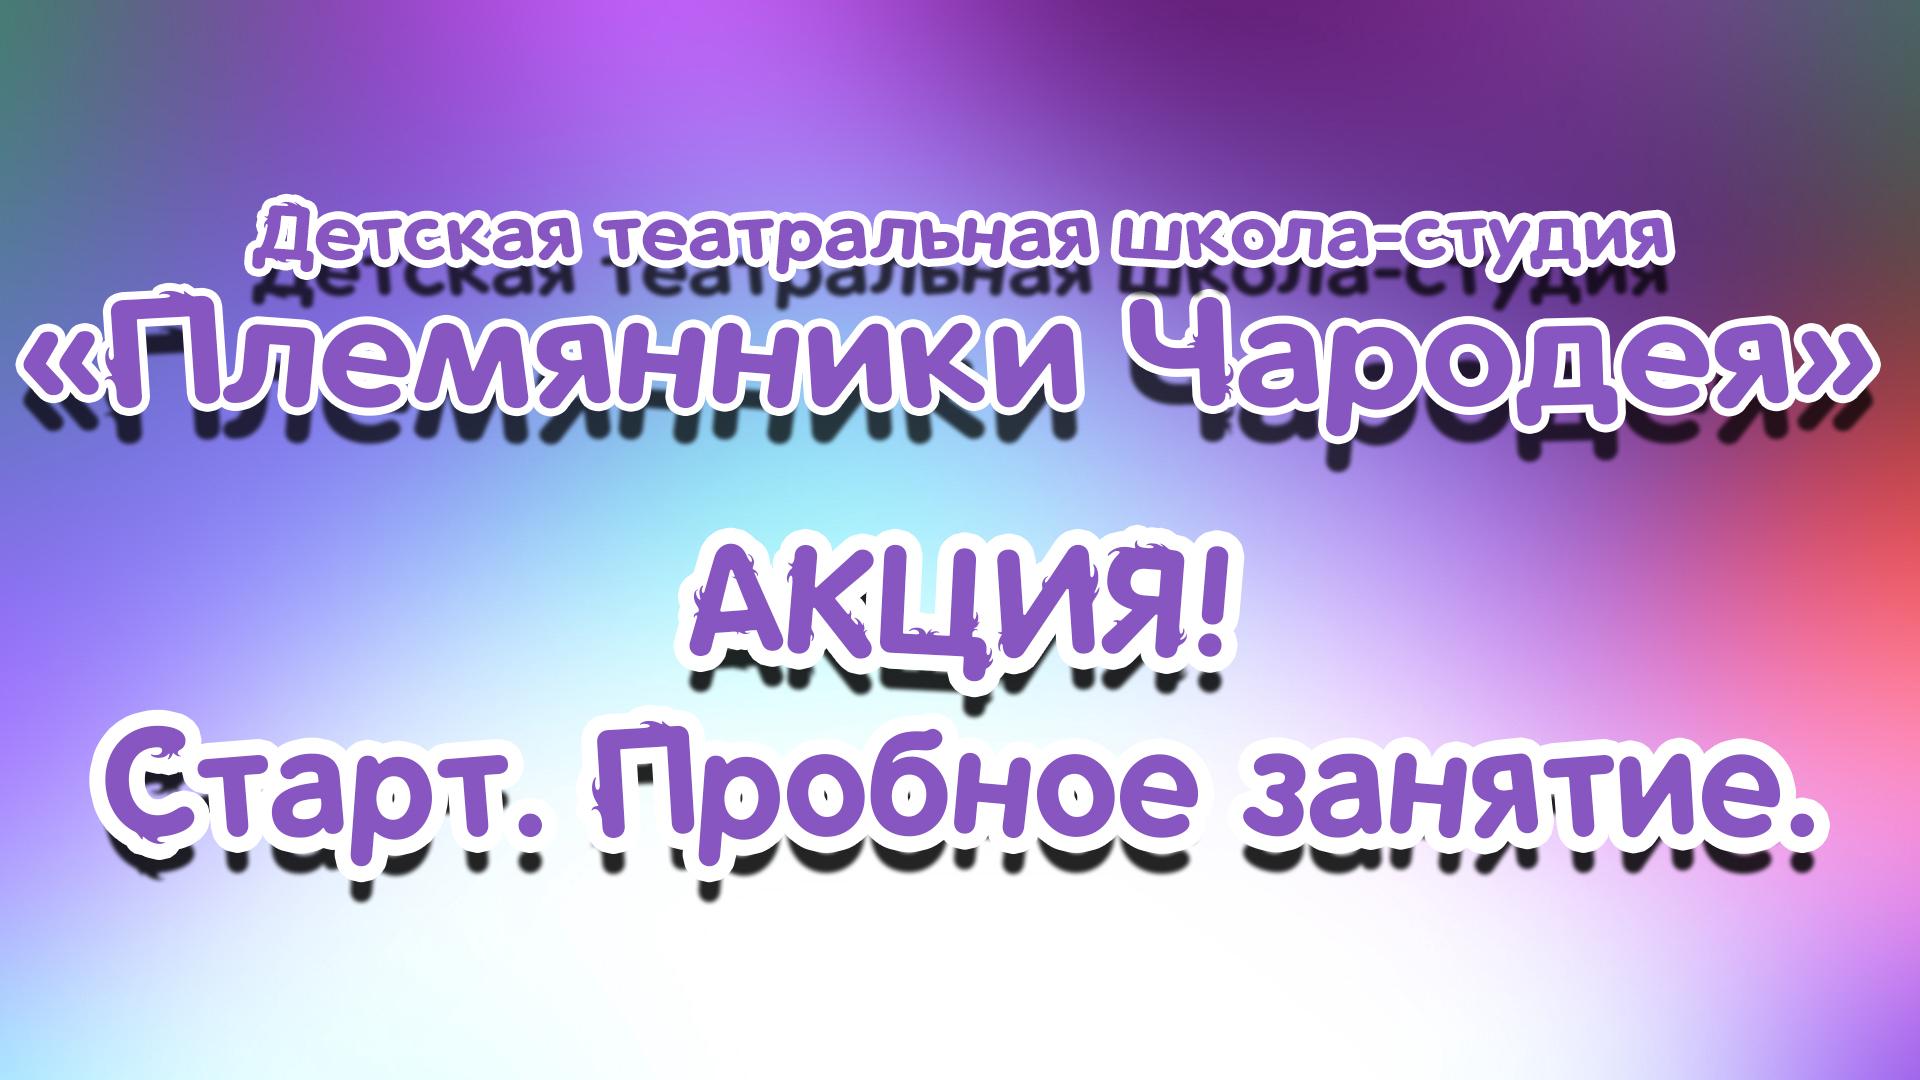 akcija_probnoe_zanjatie.jpg